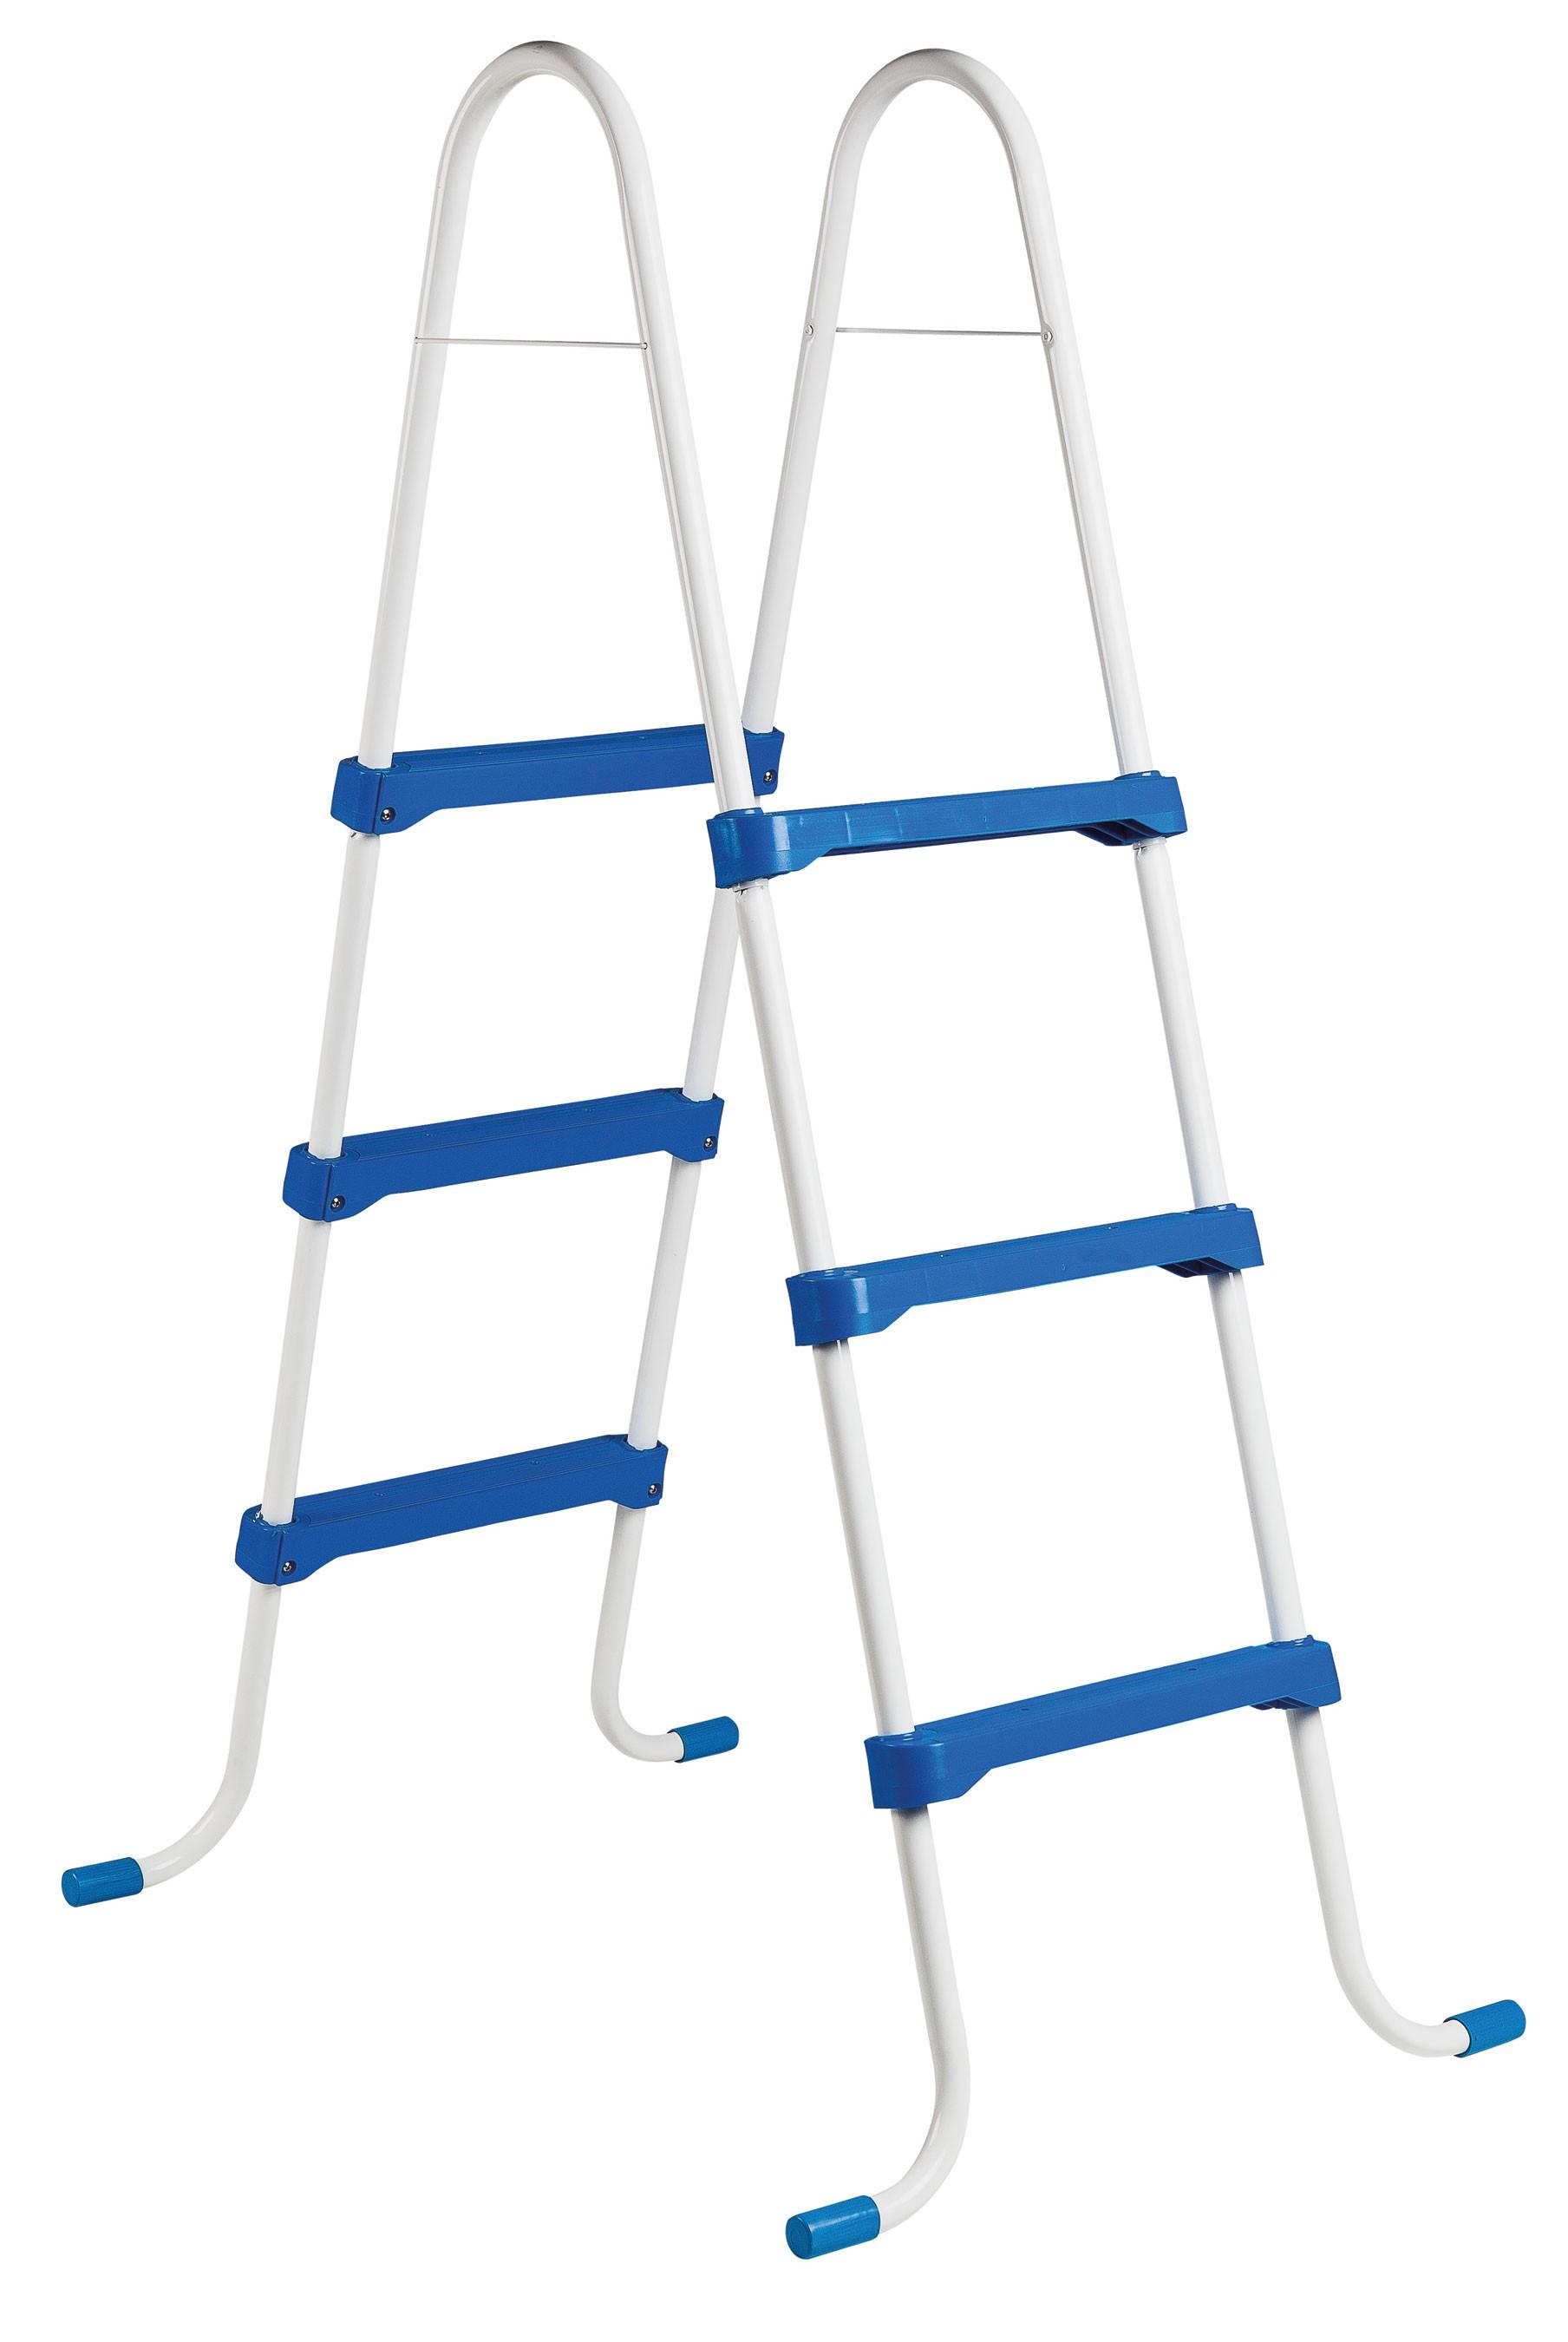 myPool Poolleiter / Stahlrohrleiter Normkonform 0,90m 2x3 Stufen Bild 1